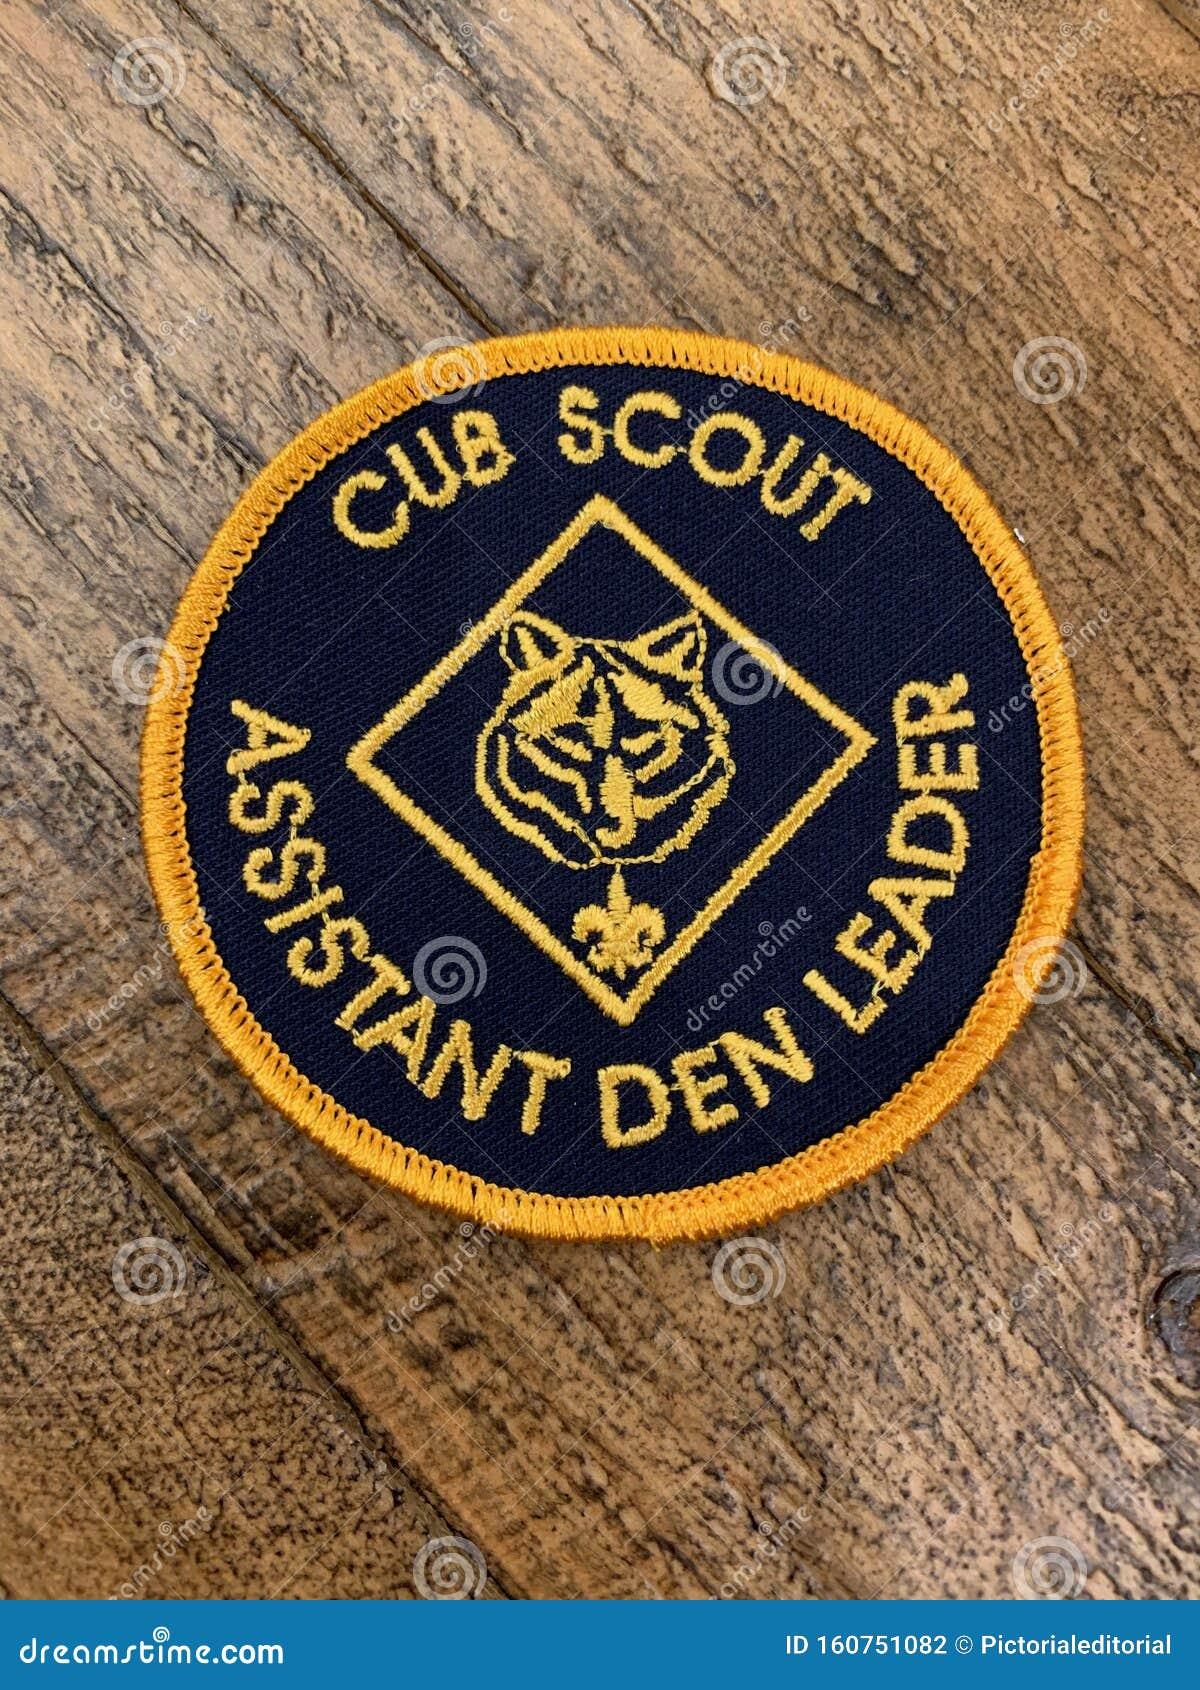 Boy Cub Scout Assistant Den Leader Patch